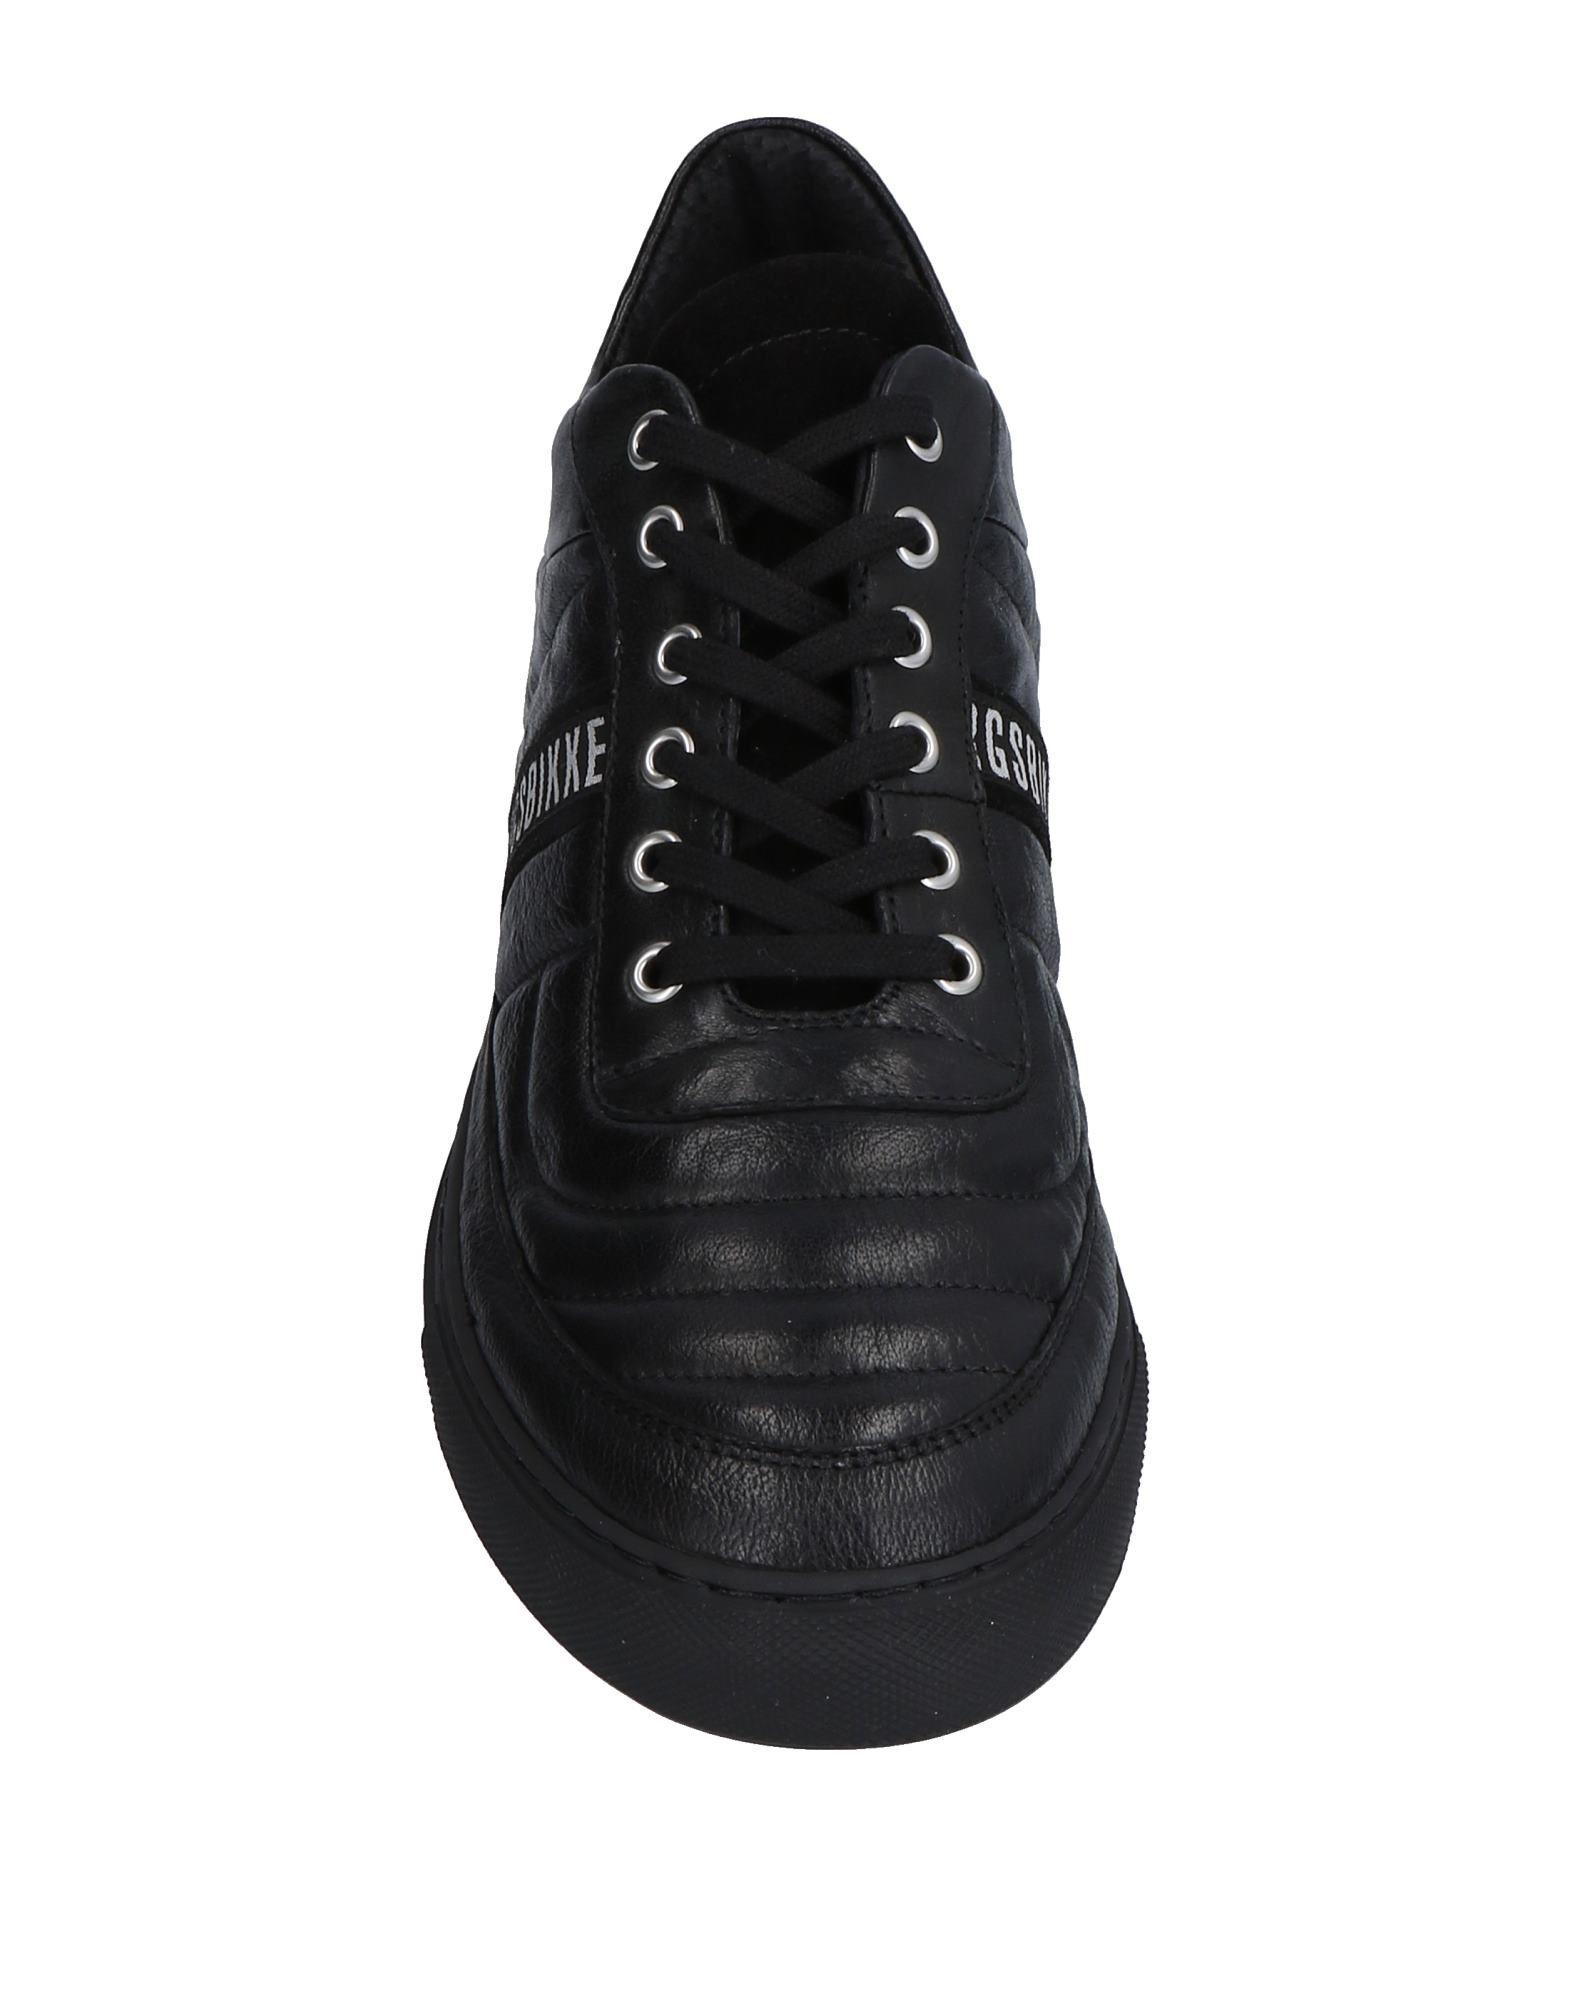 Bikkembergs Sneakers Herren  11522666QQ 11522666QQ  Gute Qualität beliebte Schuhe 24e2d3